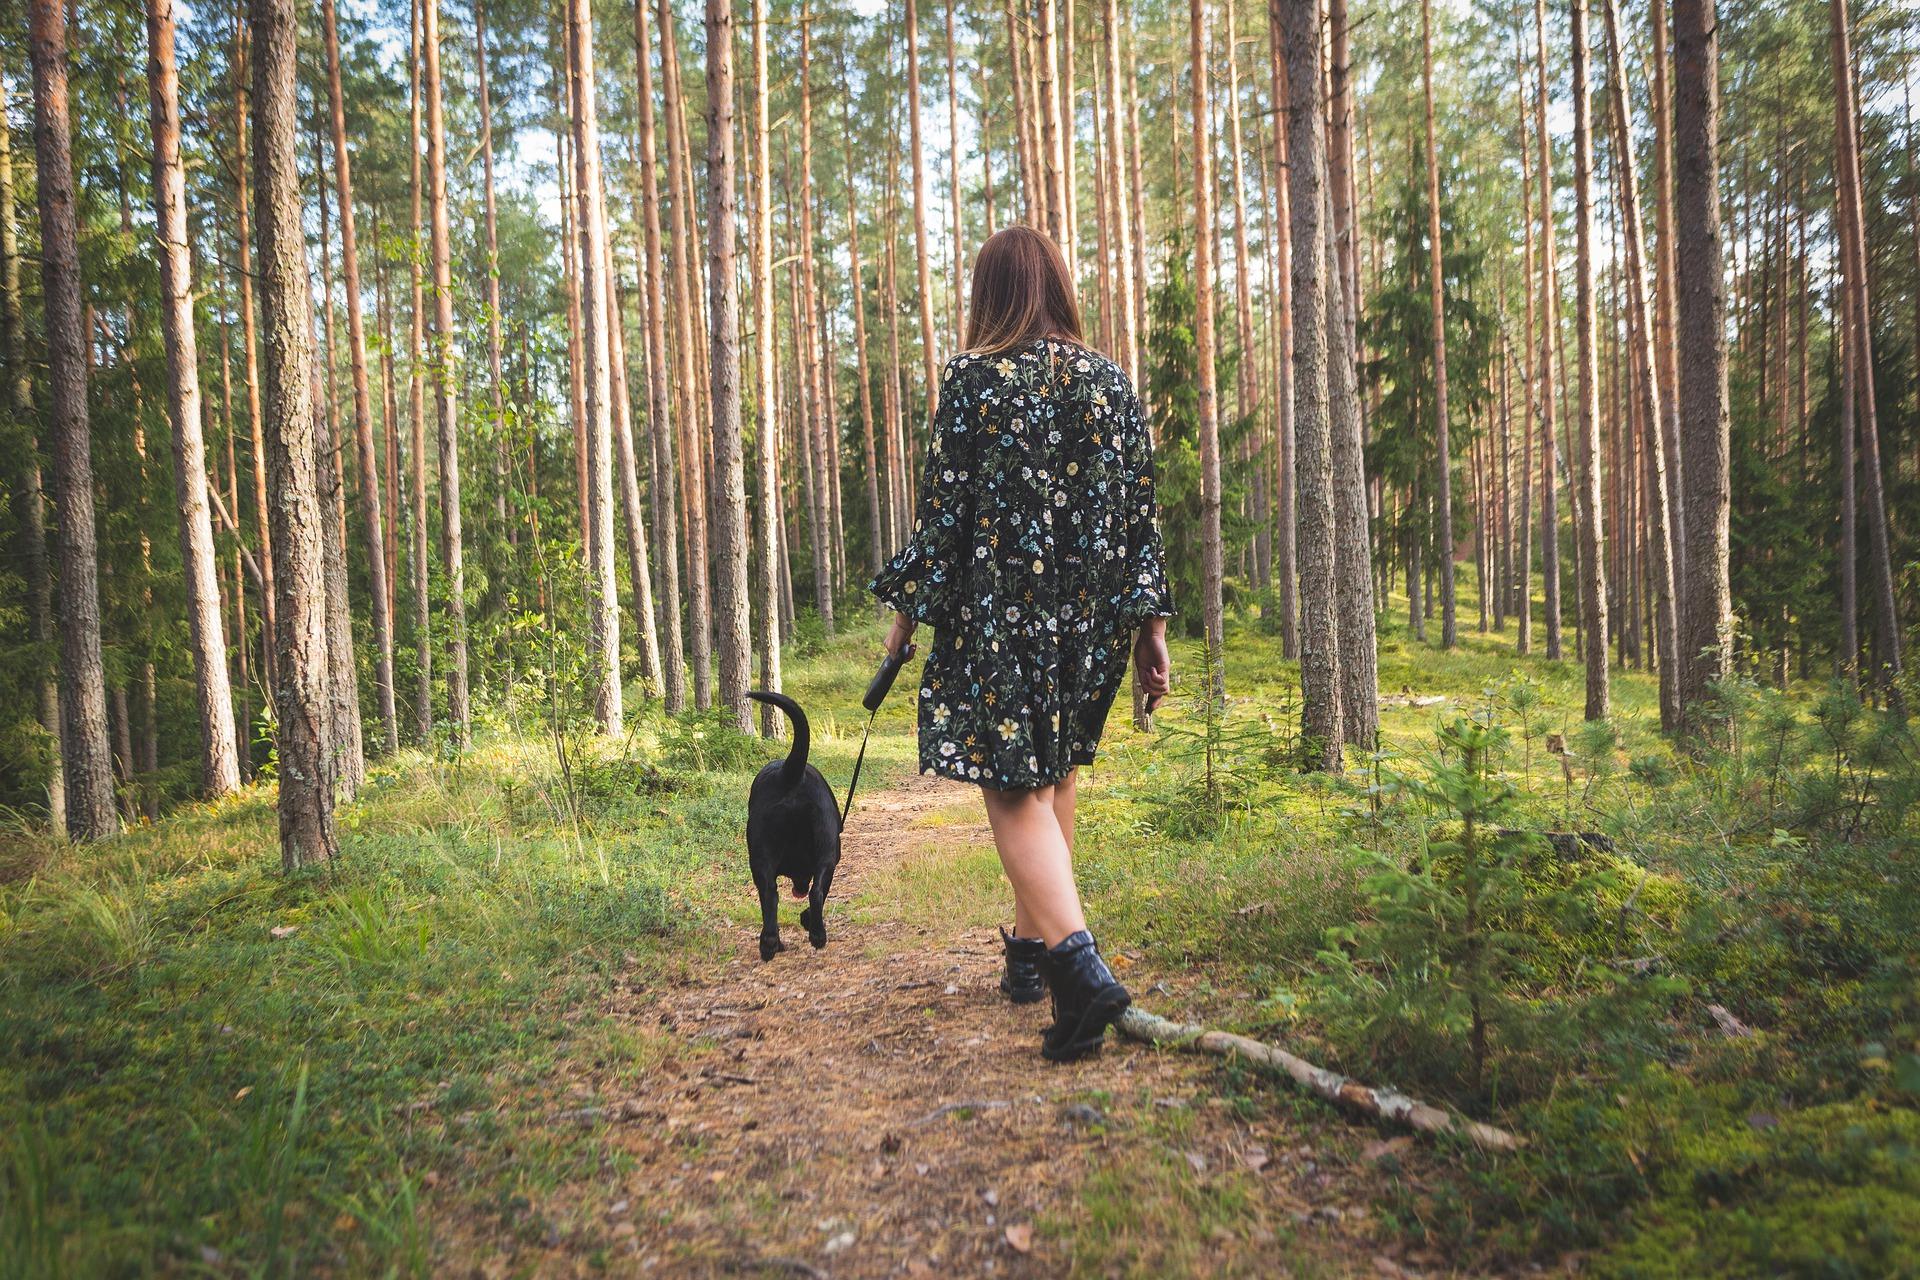 Zanim wyjedziemy z psem na wakacje za granicę, trzeba koniecznie sprawdzić, jakie są zasady podróżowania ze zwierzętami, zarówno w kraju będącym celem naszej wyprawy, jak i w tych, przez które planujemy przejeżdżać.